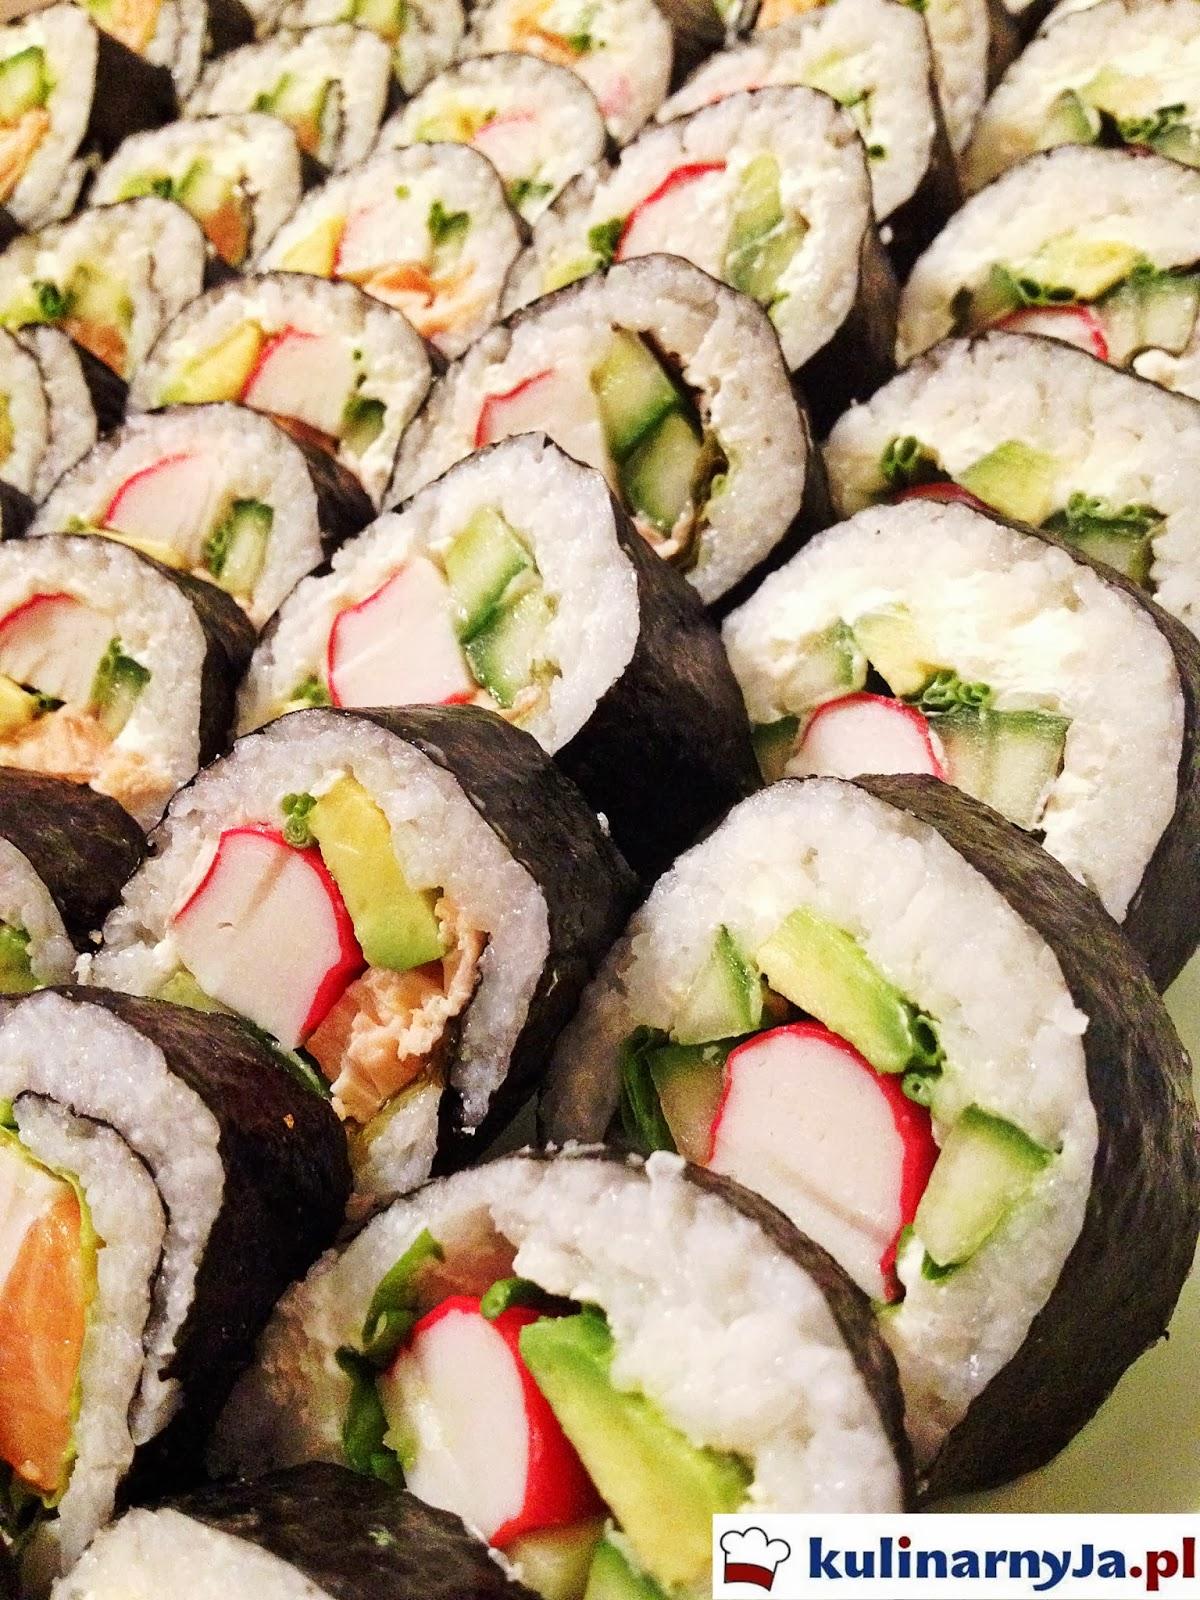 Sushi z łososiem, avocado, paluszkami krabowymi